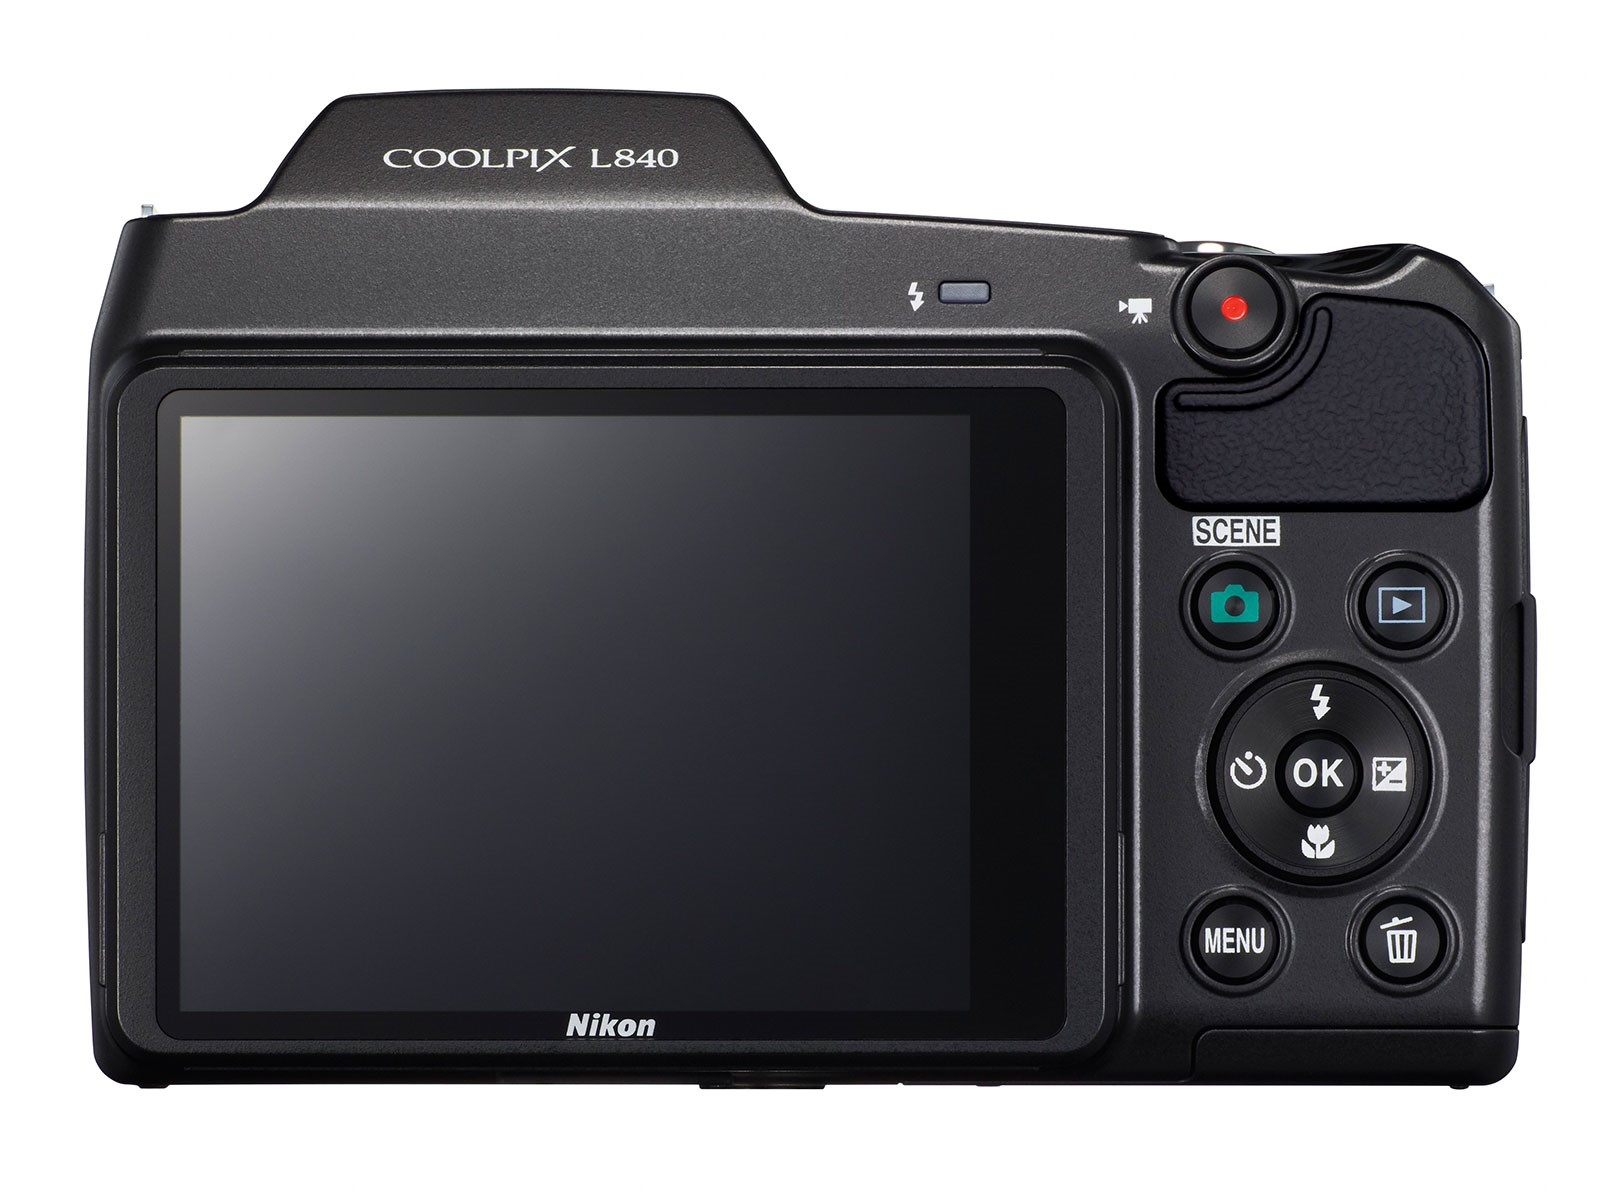 Nikon Coolpix L840 nincs elektronikus kereső.